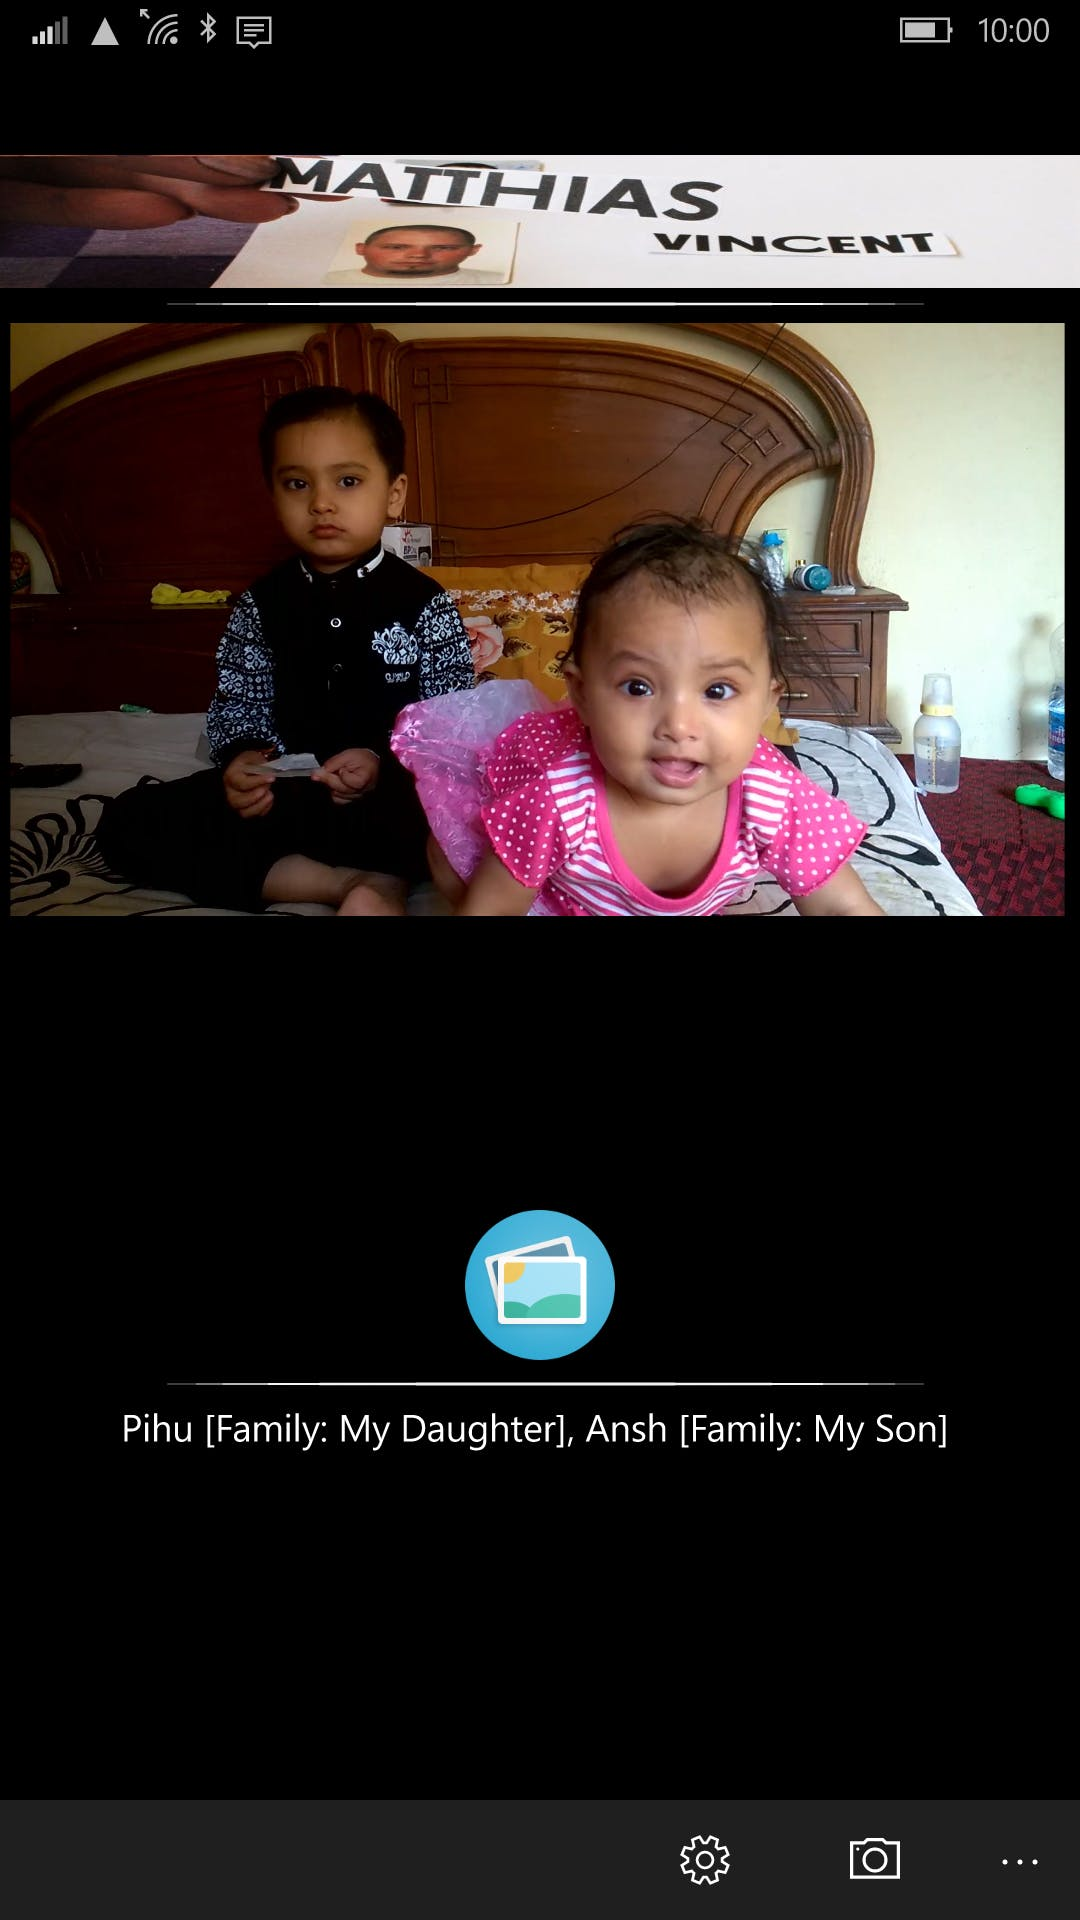 App recognizes my Kids!